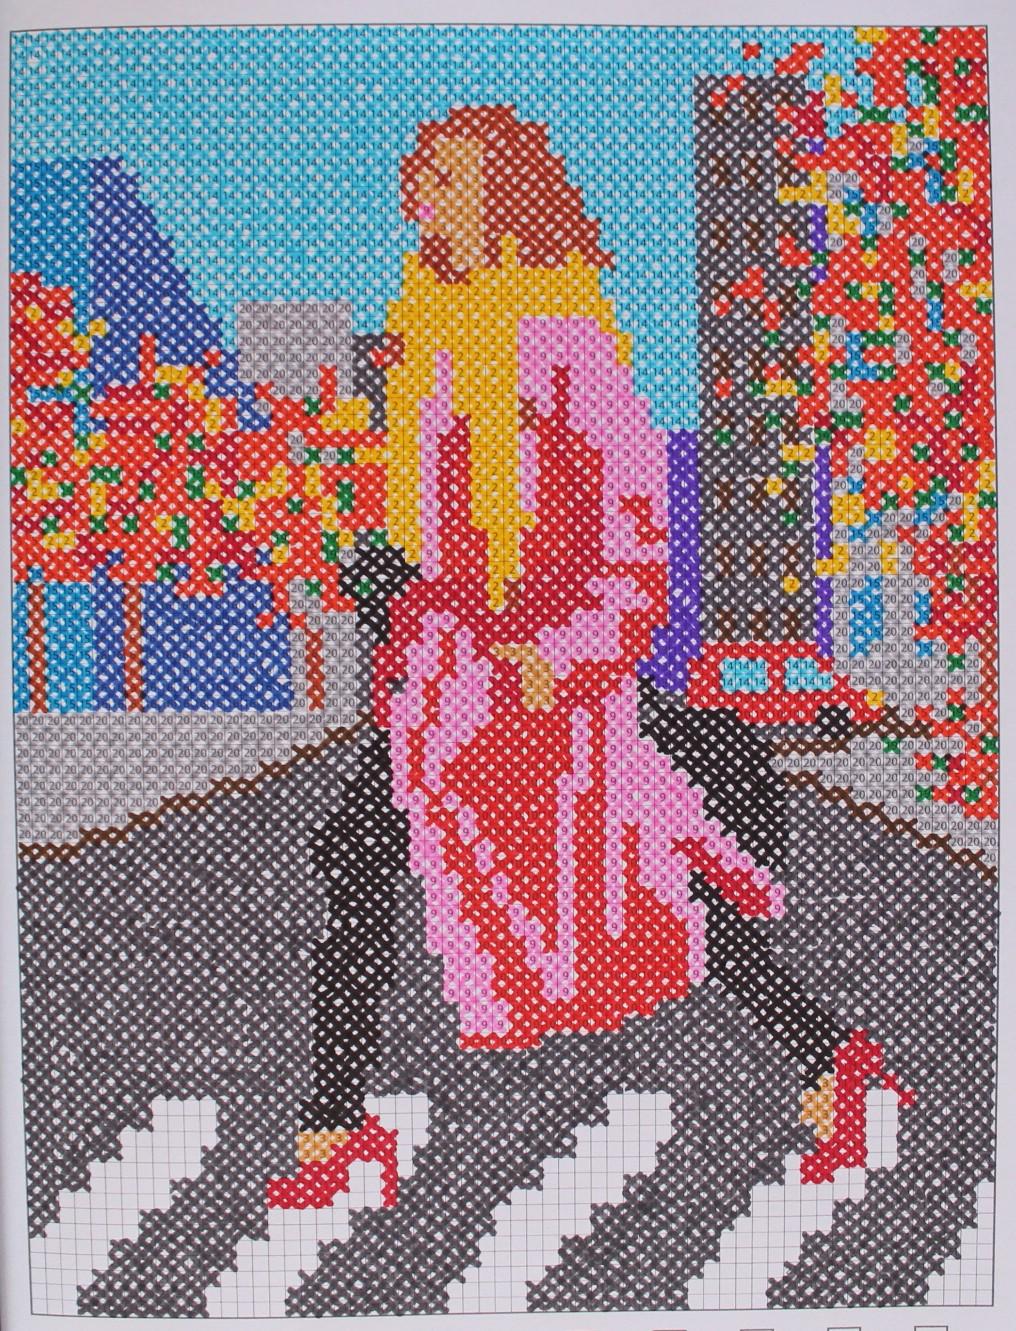 Les coloriages de la p'tite Carrie ^^ - Page 34 00724